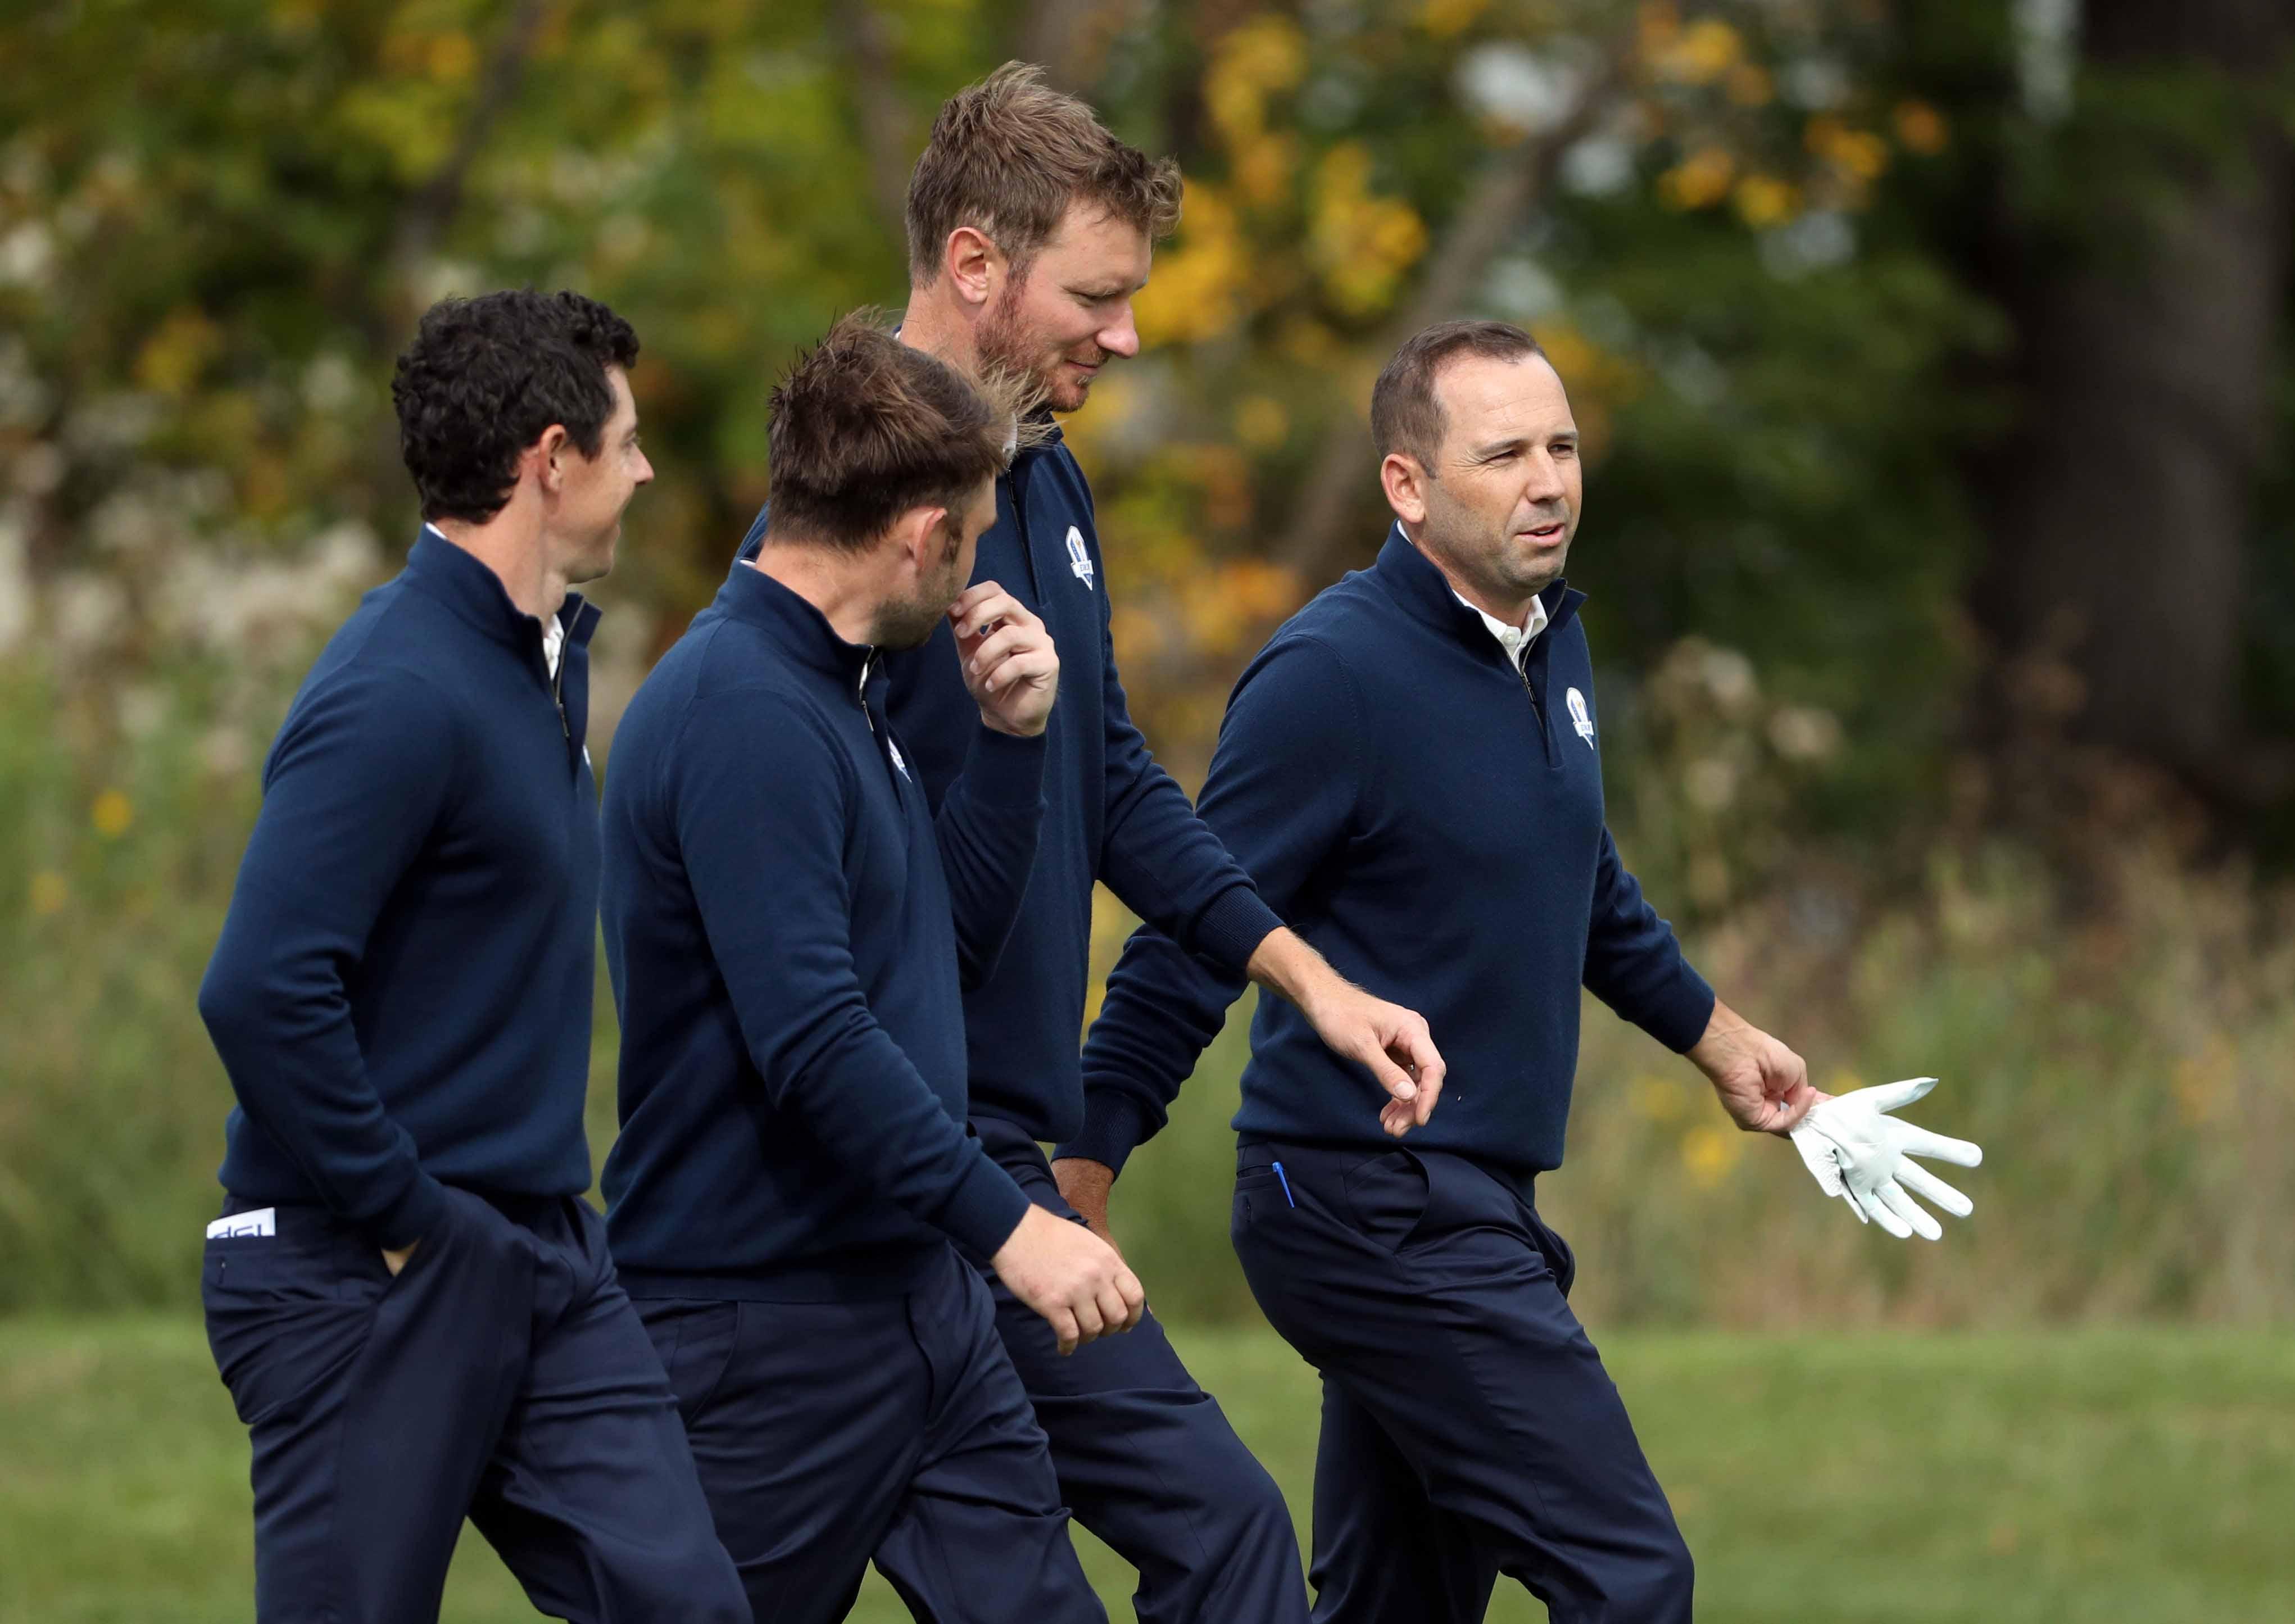 Golf - Ryder Cup - Ryder Cup : La présentation du Team Europe